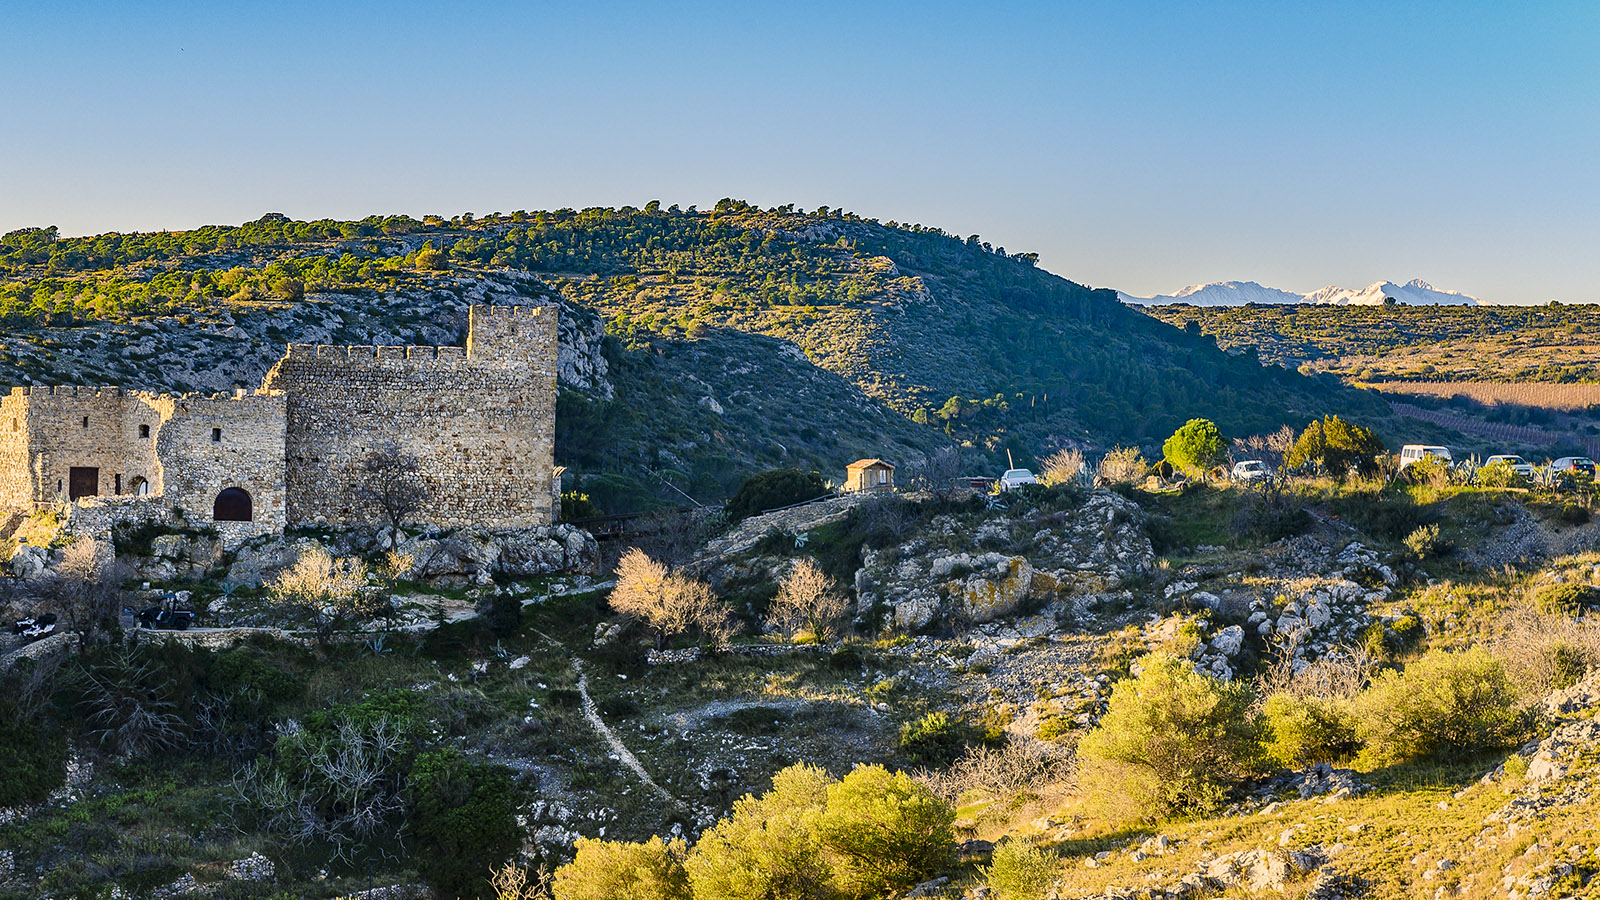 Die Burg von Fitou. Foto Hilke Maunder